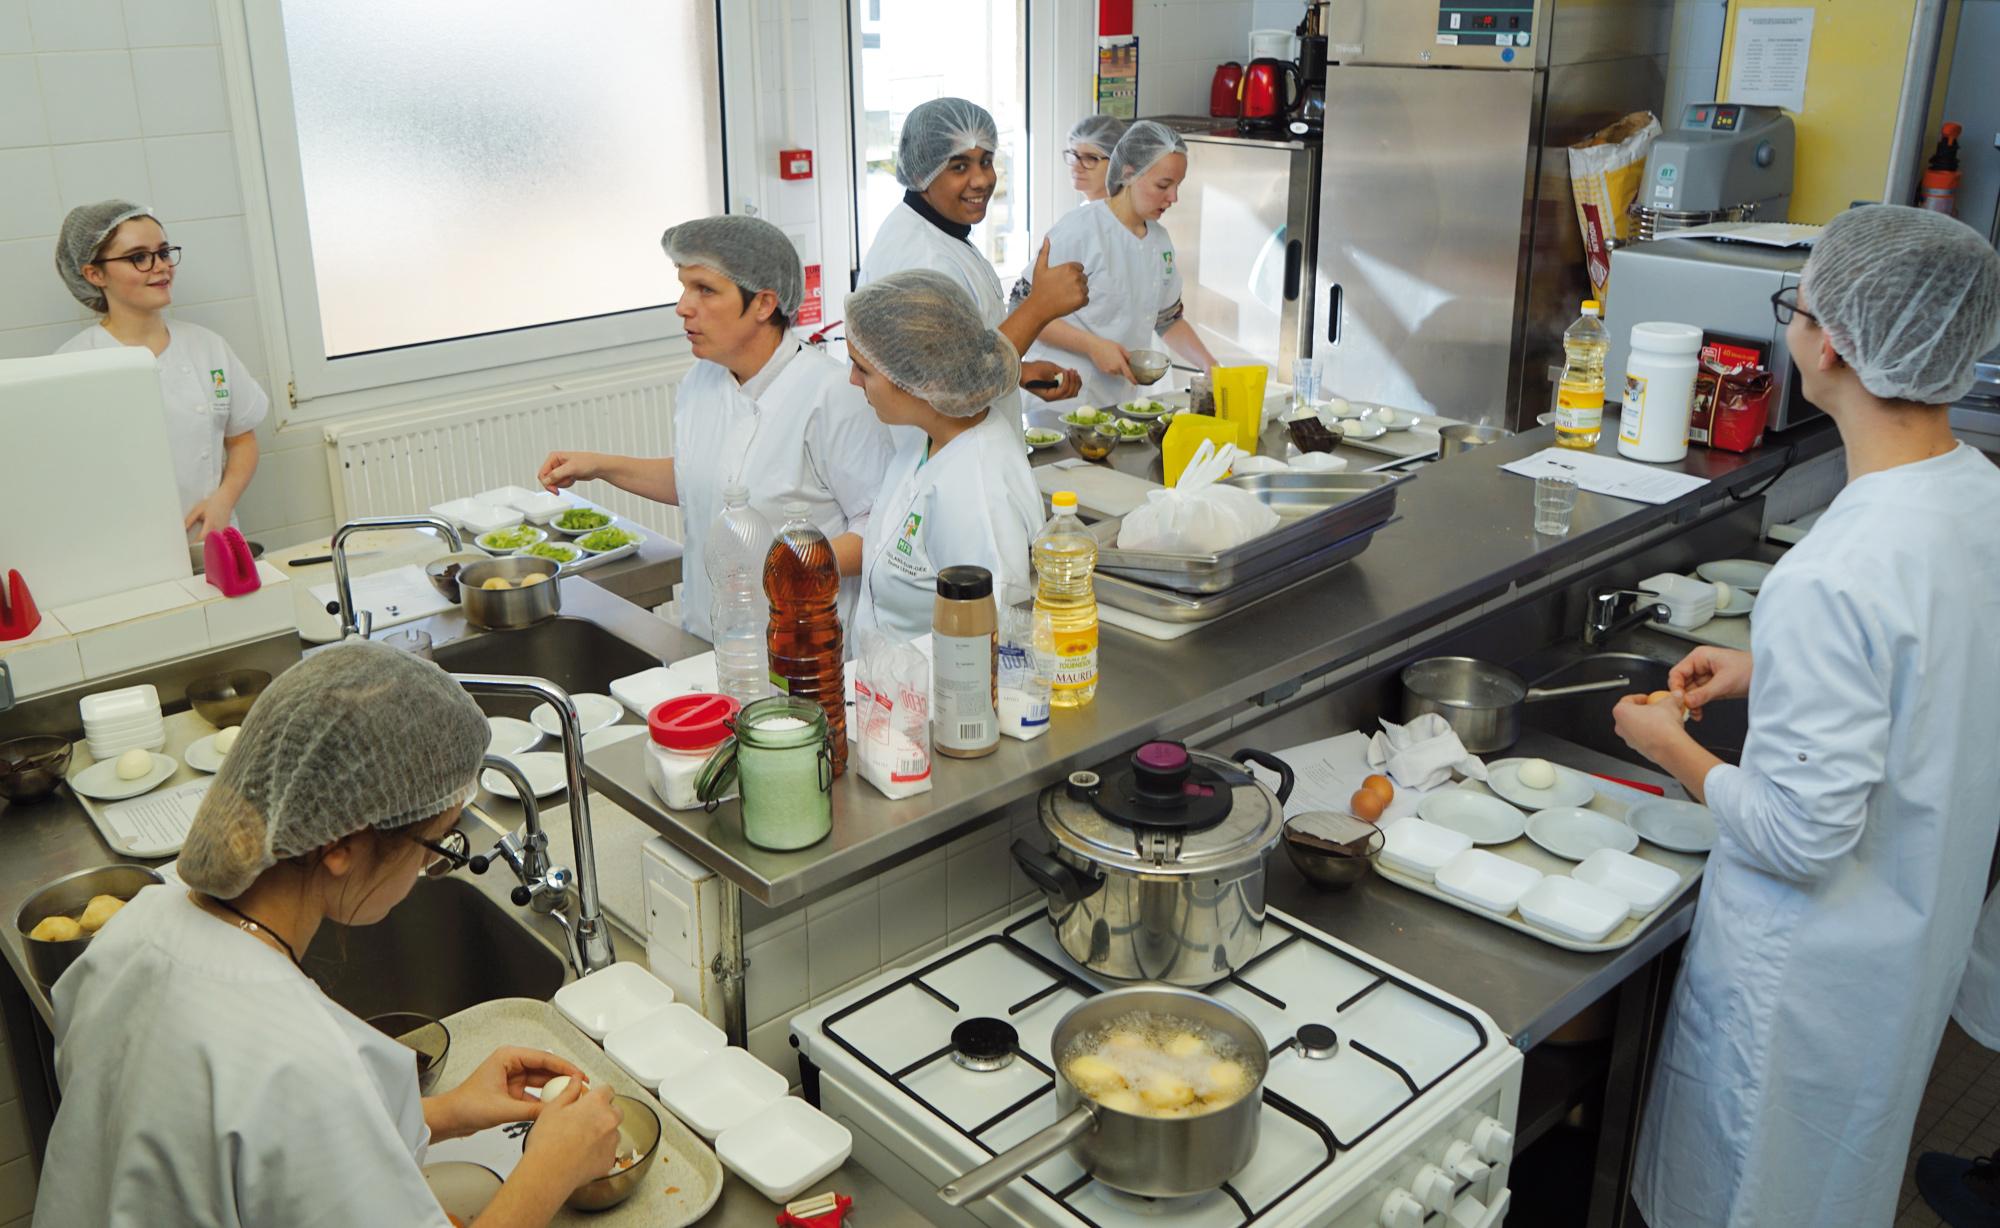 Cours de cuisine en formation professionnelle - MFR de la Sarthe